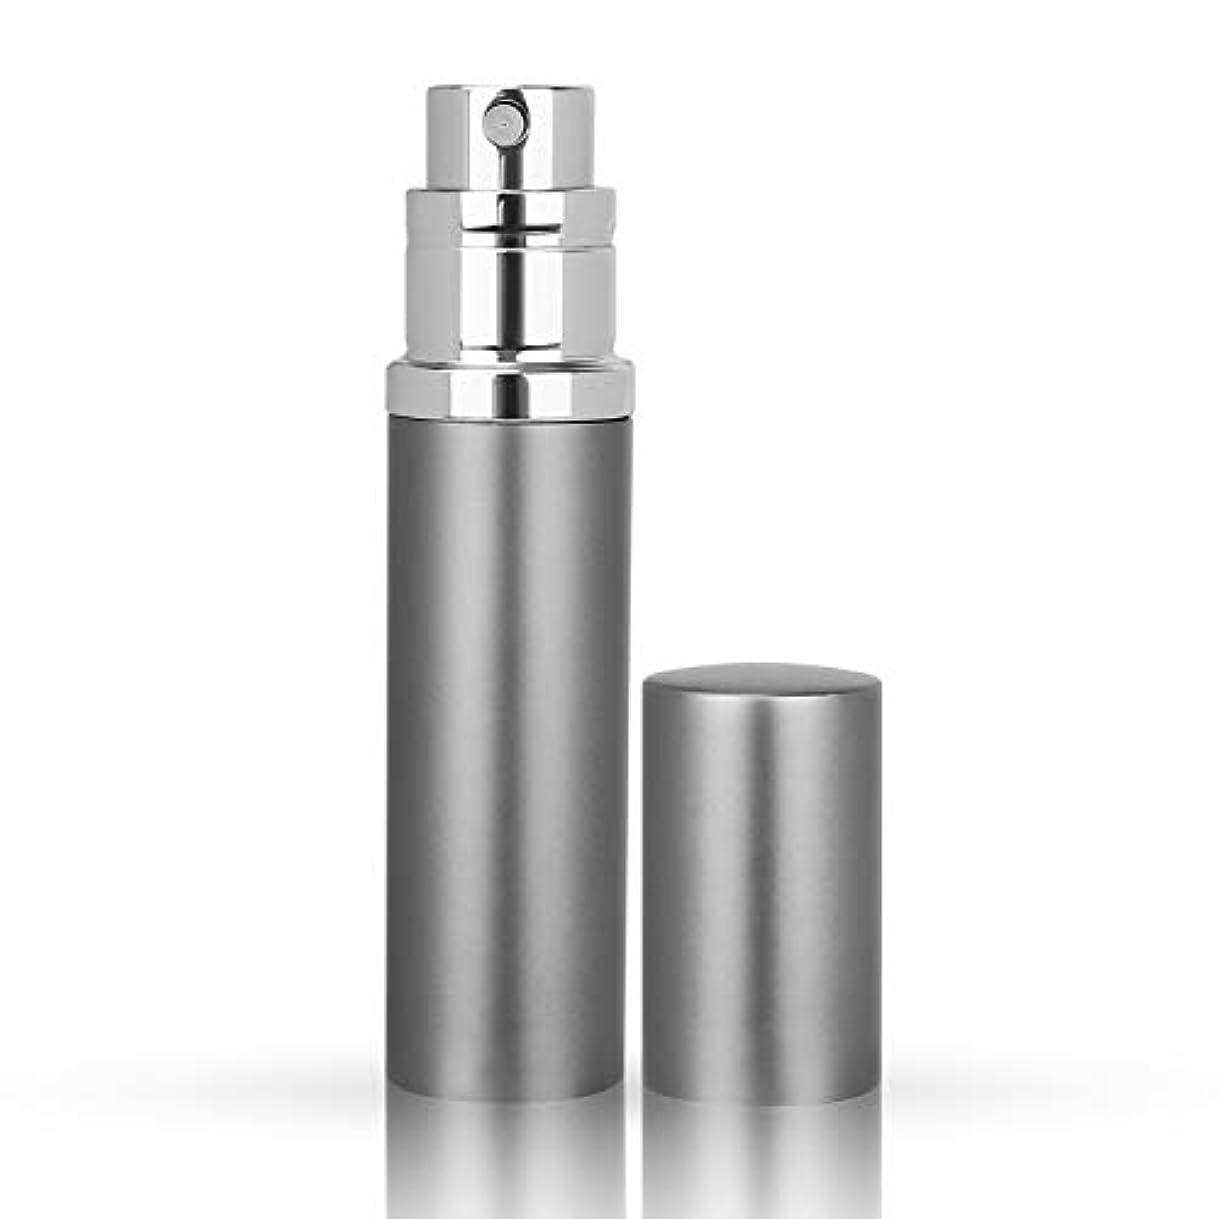 論理アブセイスクリューMOOMU アトマイザー 香水スプレー 噴霧器 詰め替え容器 底部充填方式 携帯用5ml (シルバー Silver)